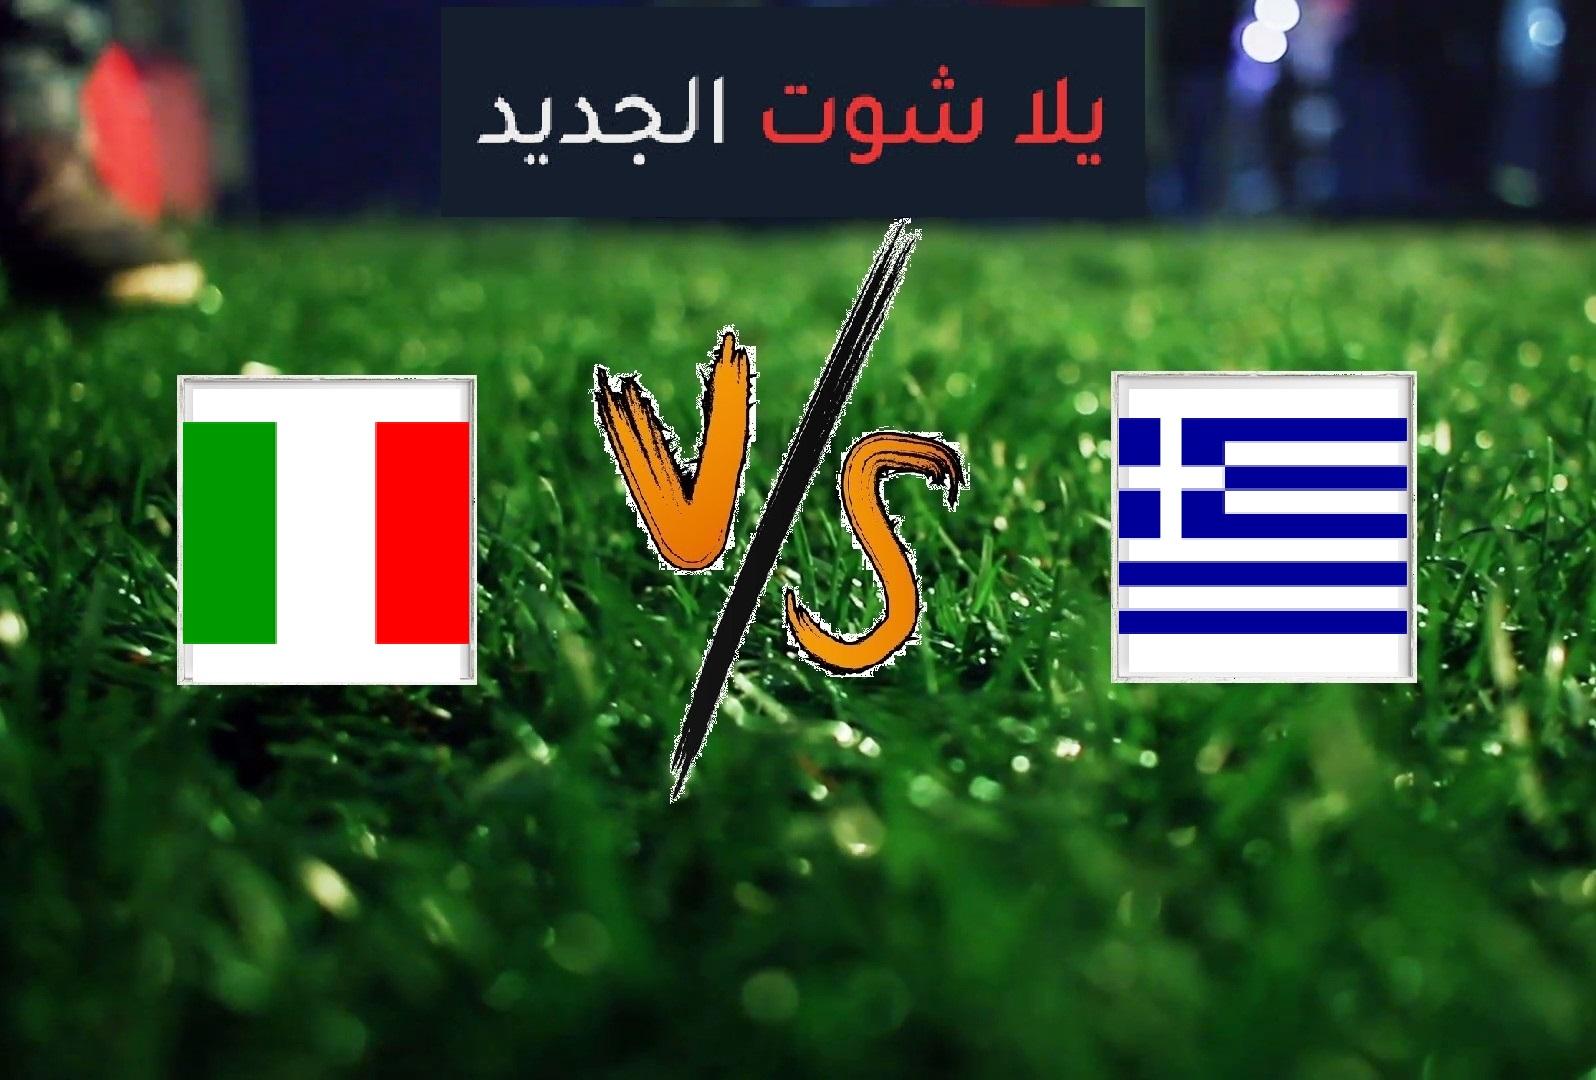 ايطاليا تفوز على اليونان بثلاثة أهداف دون رد في التصفيات المؤهلة ليورو 2020